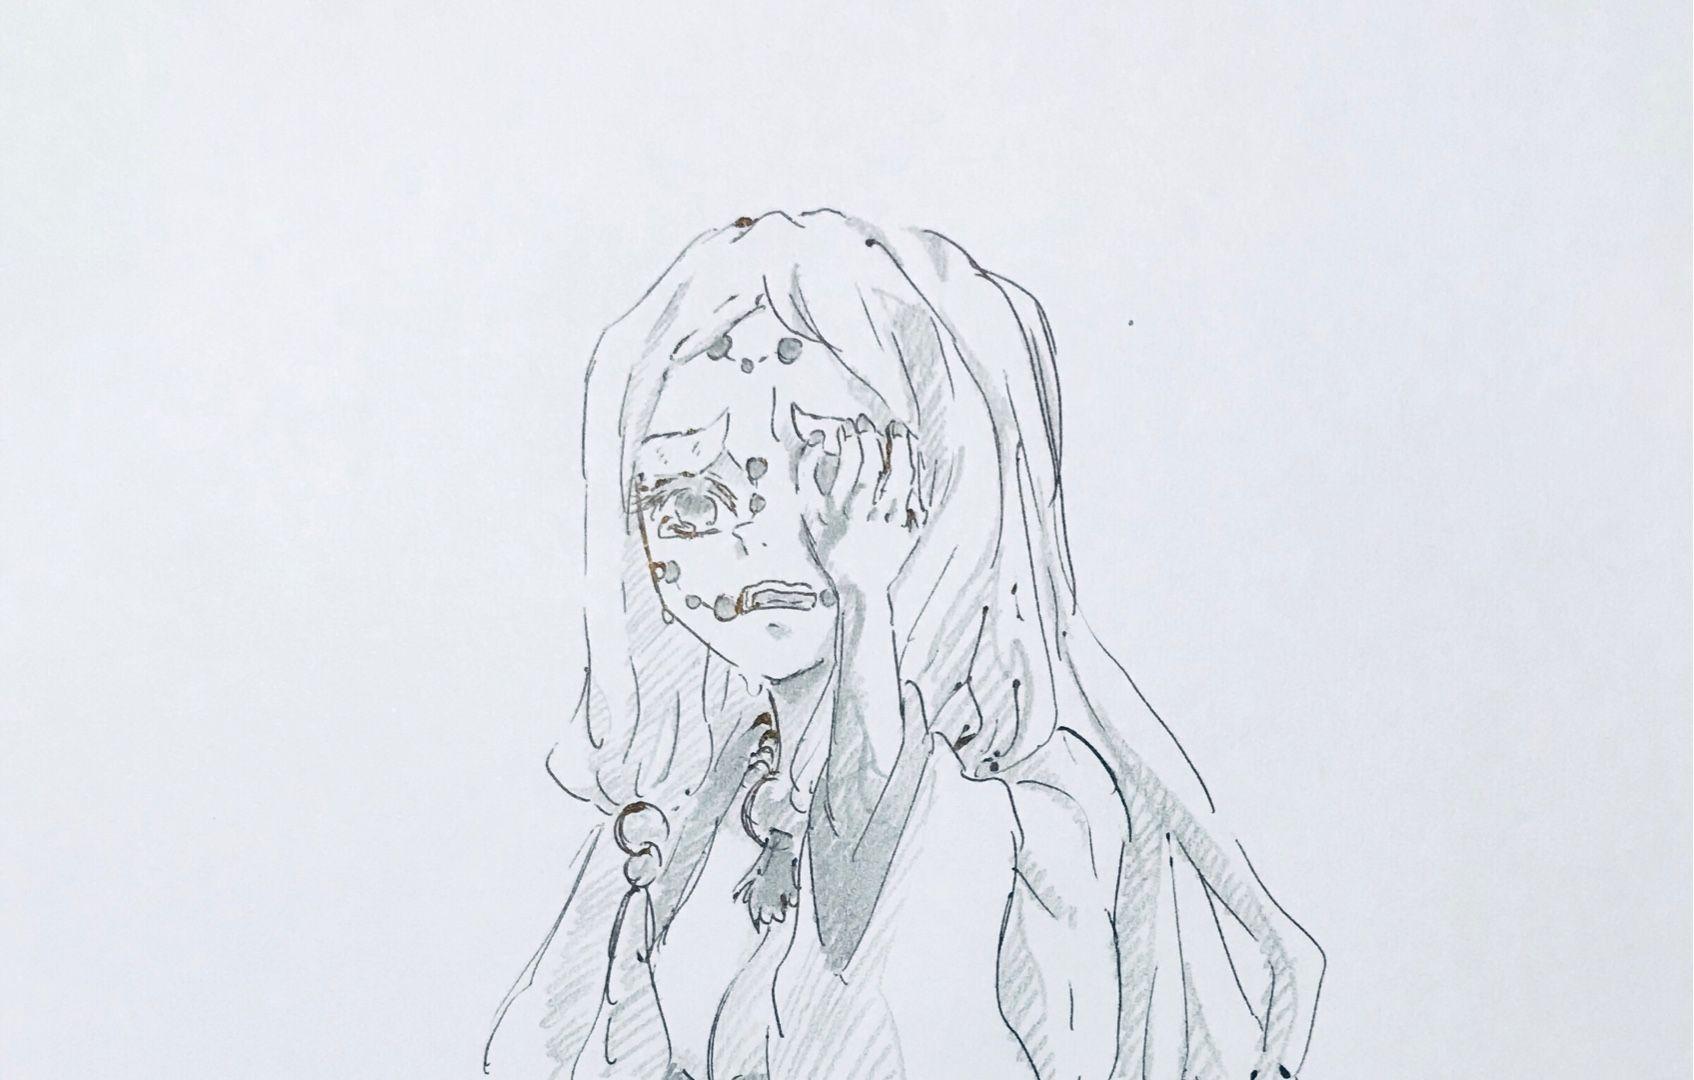 鬼滅の刃 塗り絵ブログ